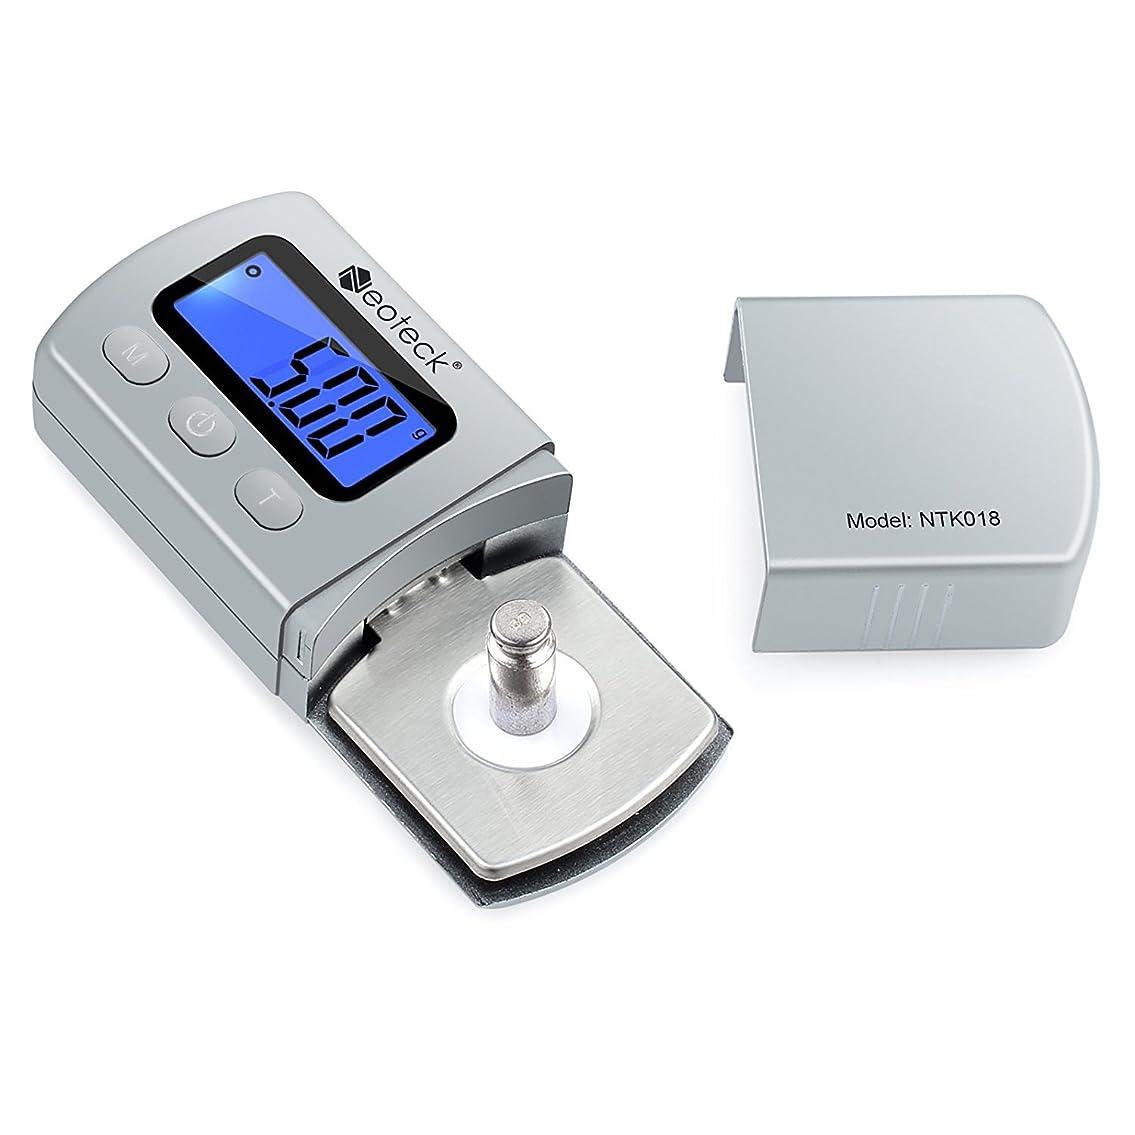 デンマーク語中庭感性Neoteck 針圧計 レコードプレーヤー用 デジタル LP スタイラスフォースメーター レコード 0.01g 高精度 レザーケース付き 18ヶ月保証期間 シルバー